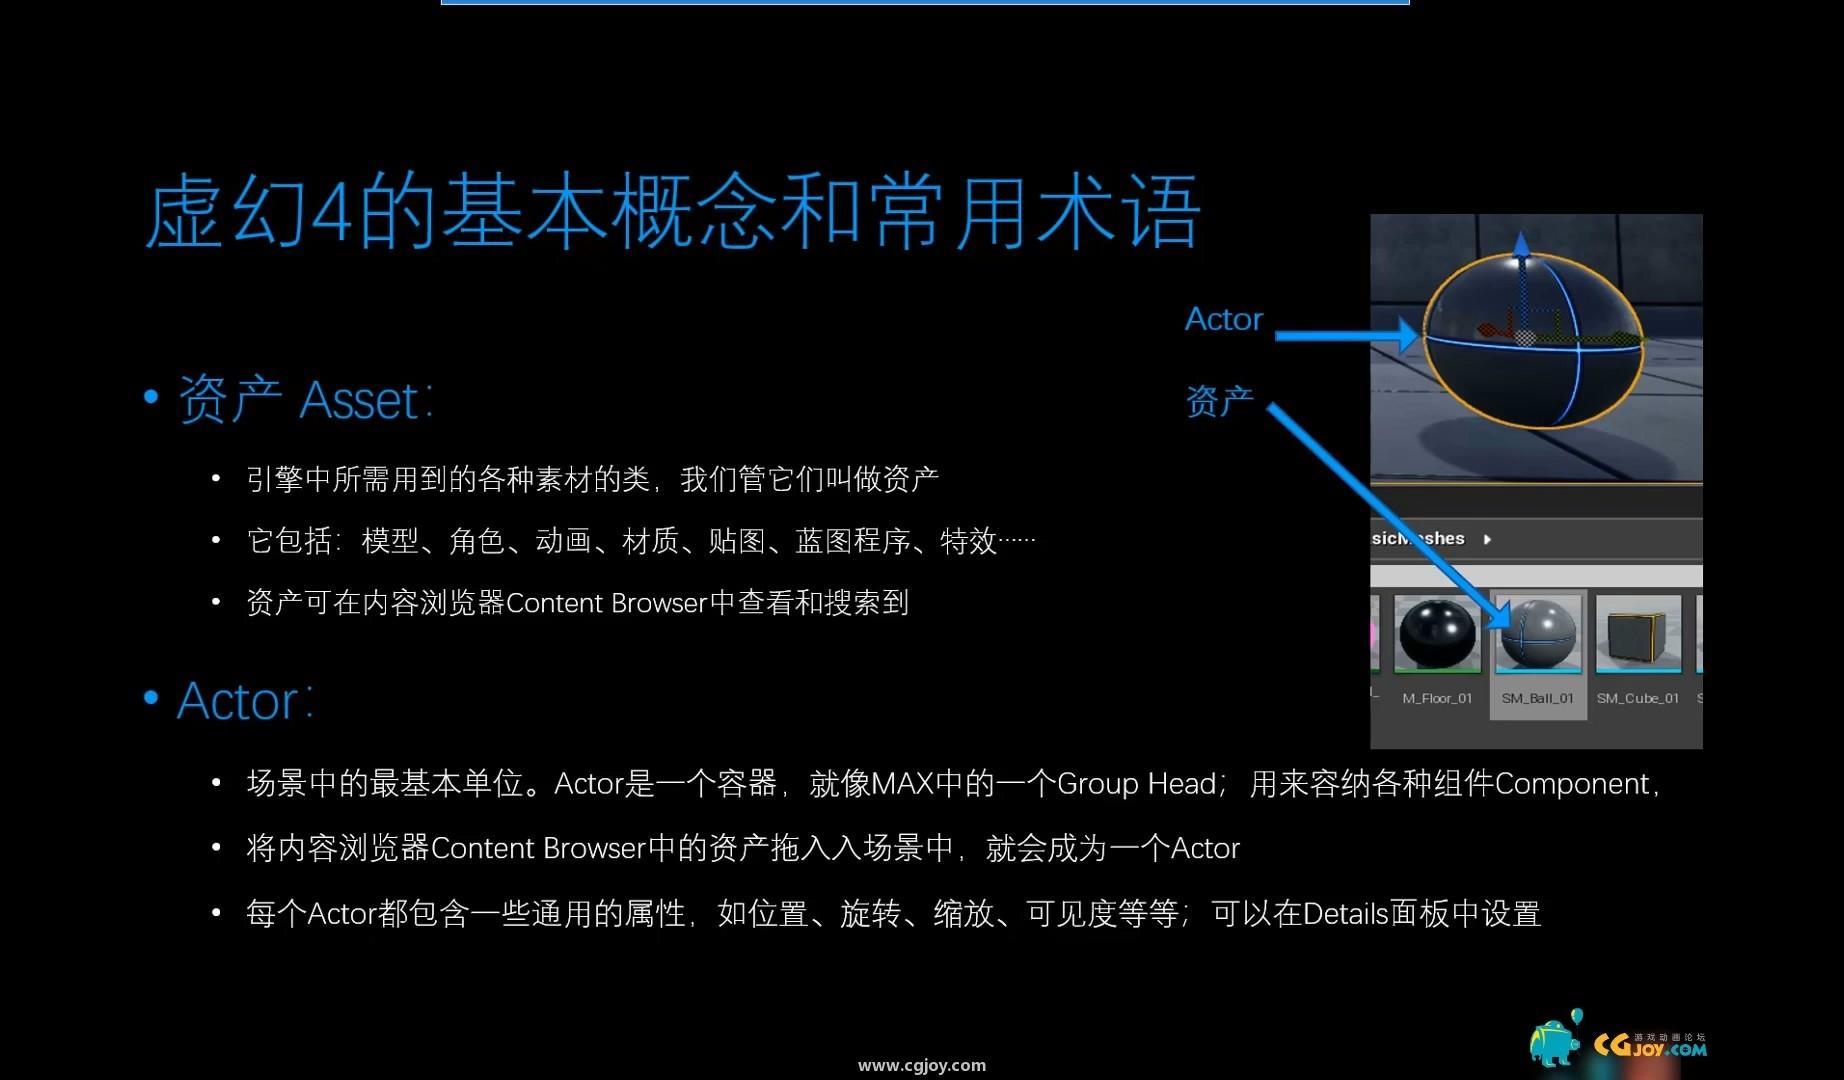 《虚幻引擎CG制作技术》——虚幻引擎的优势及界面介绍.mp4_20200102_231212.345.jpg